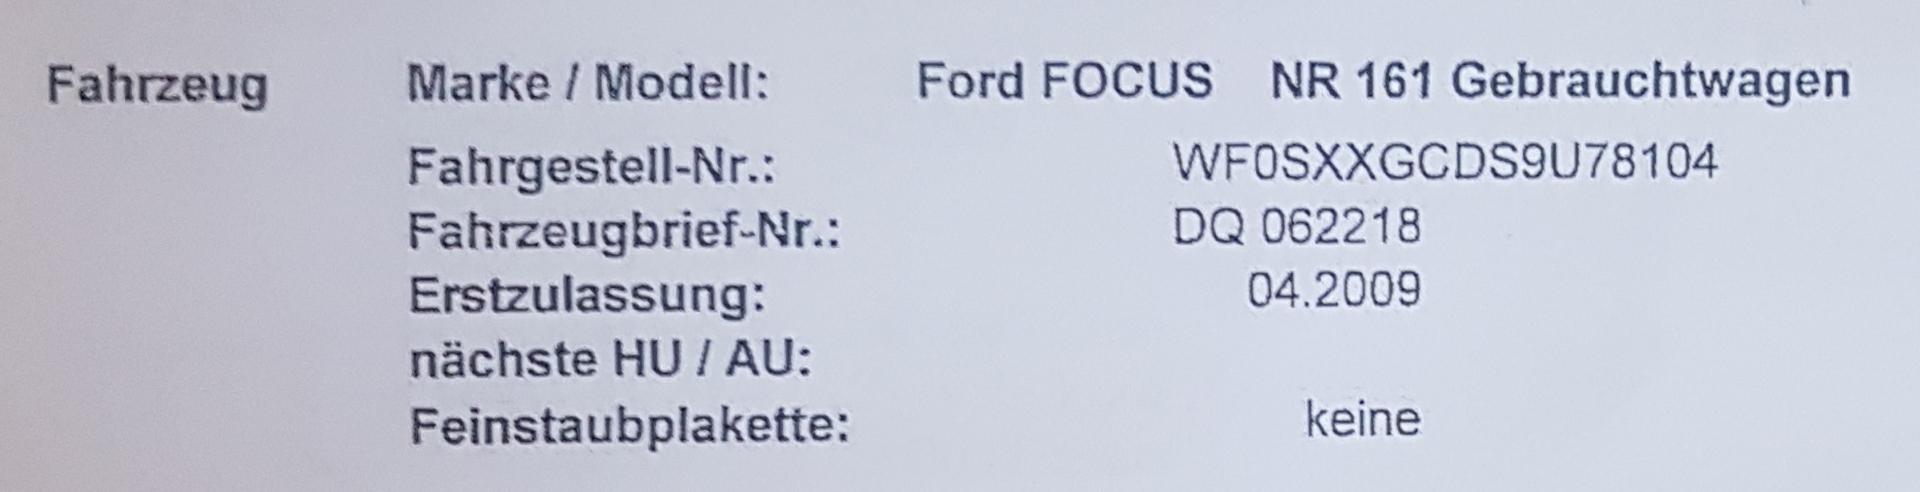 details-car.jpg